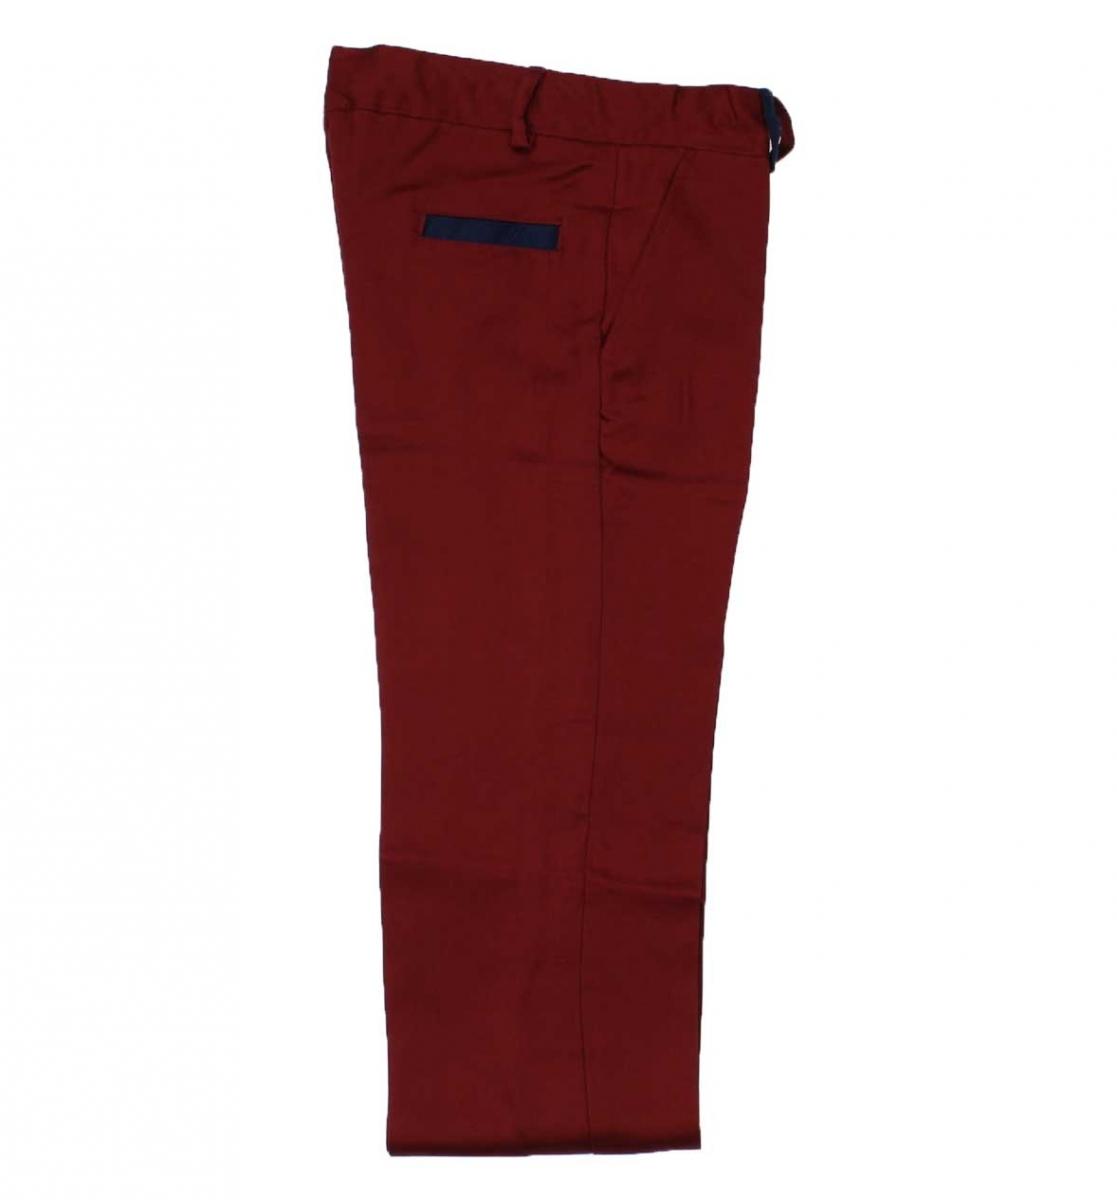 Modakids Erkek Çocuk Papyonlu Takım Elbise 037-217502-012